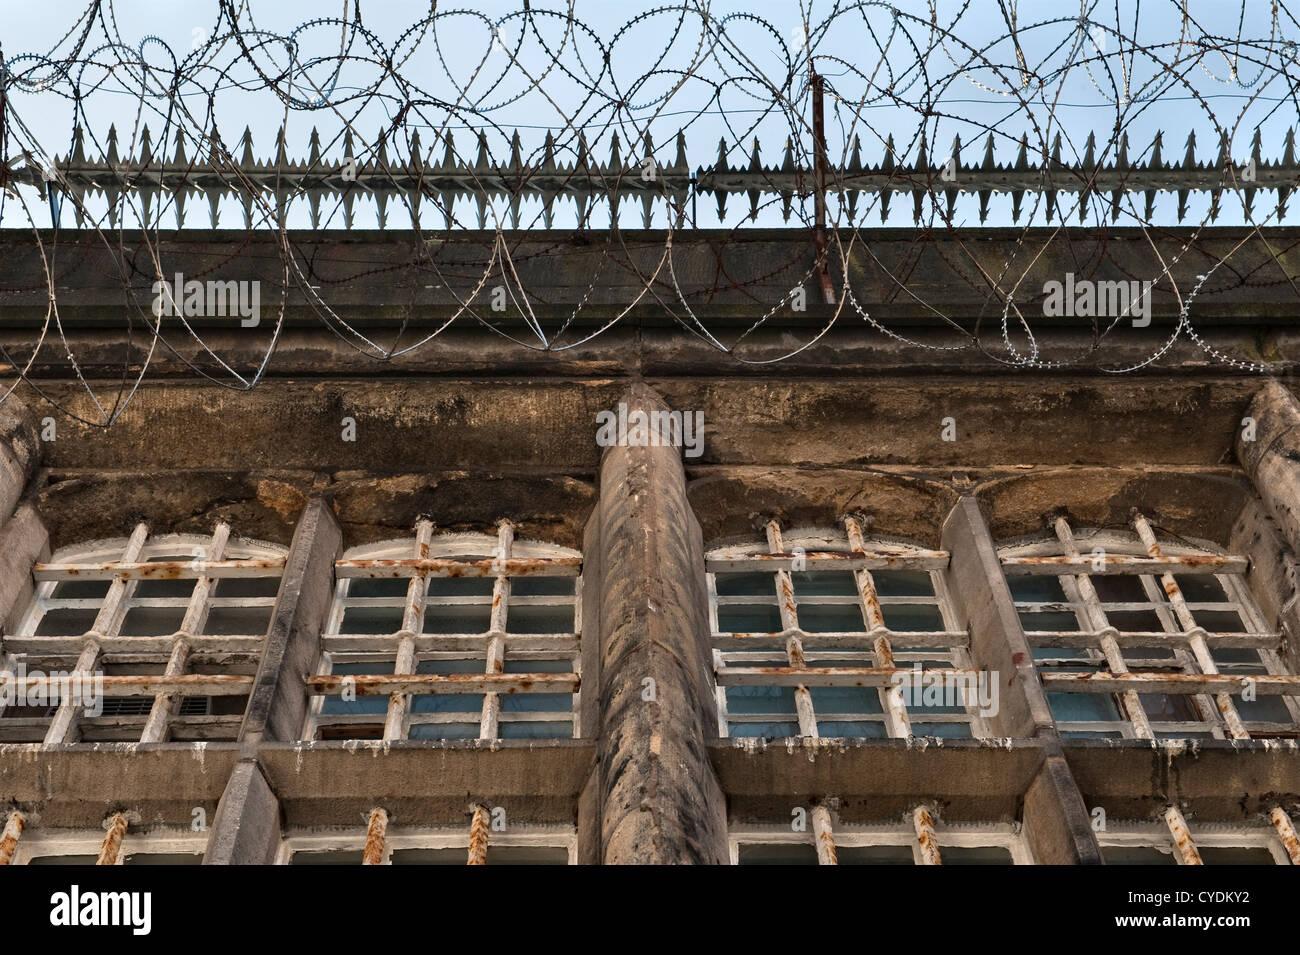 Bares y protector de cables celdas de una prisión abandonada recientemente en el REINO UNIDO Foto de stock